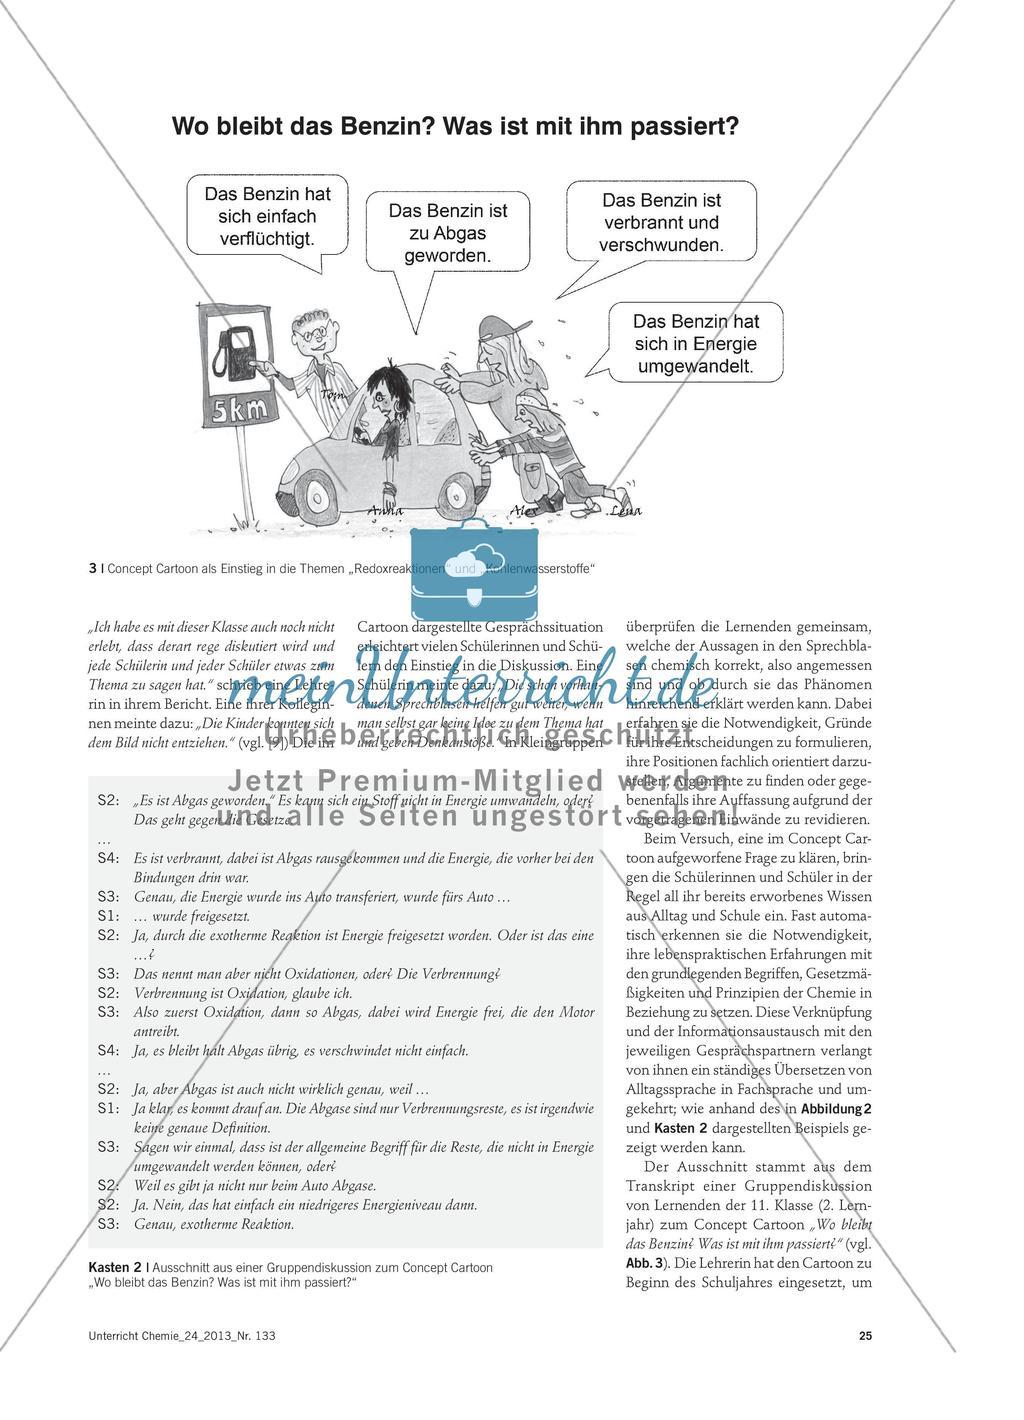 Warum Wird Bremerhaven Mit V Geschrieben